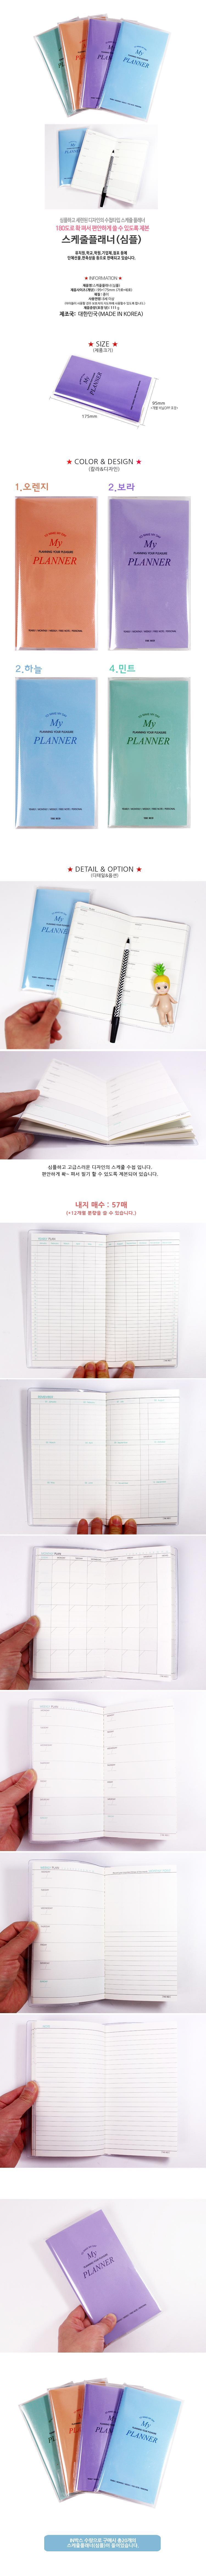 스케줄플래너(심플) 수첩스케쥴러 수첩플래너 휴대용 수첩스케쥴러 수첩플래너 휴대용스케쥴러 스케쥴러 플래너